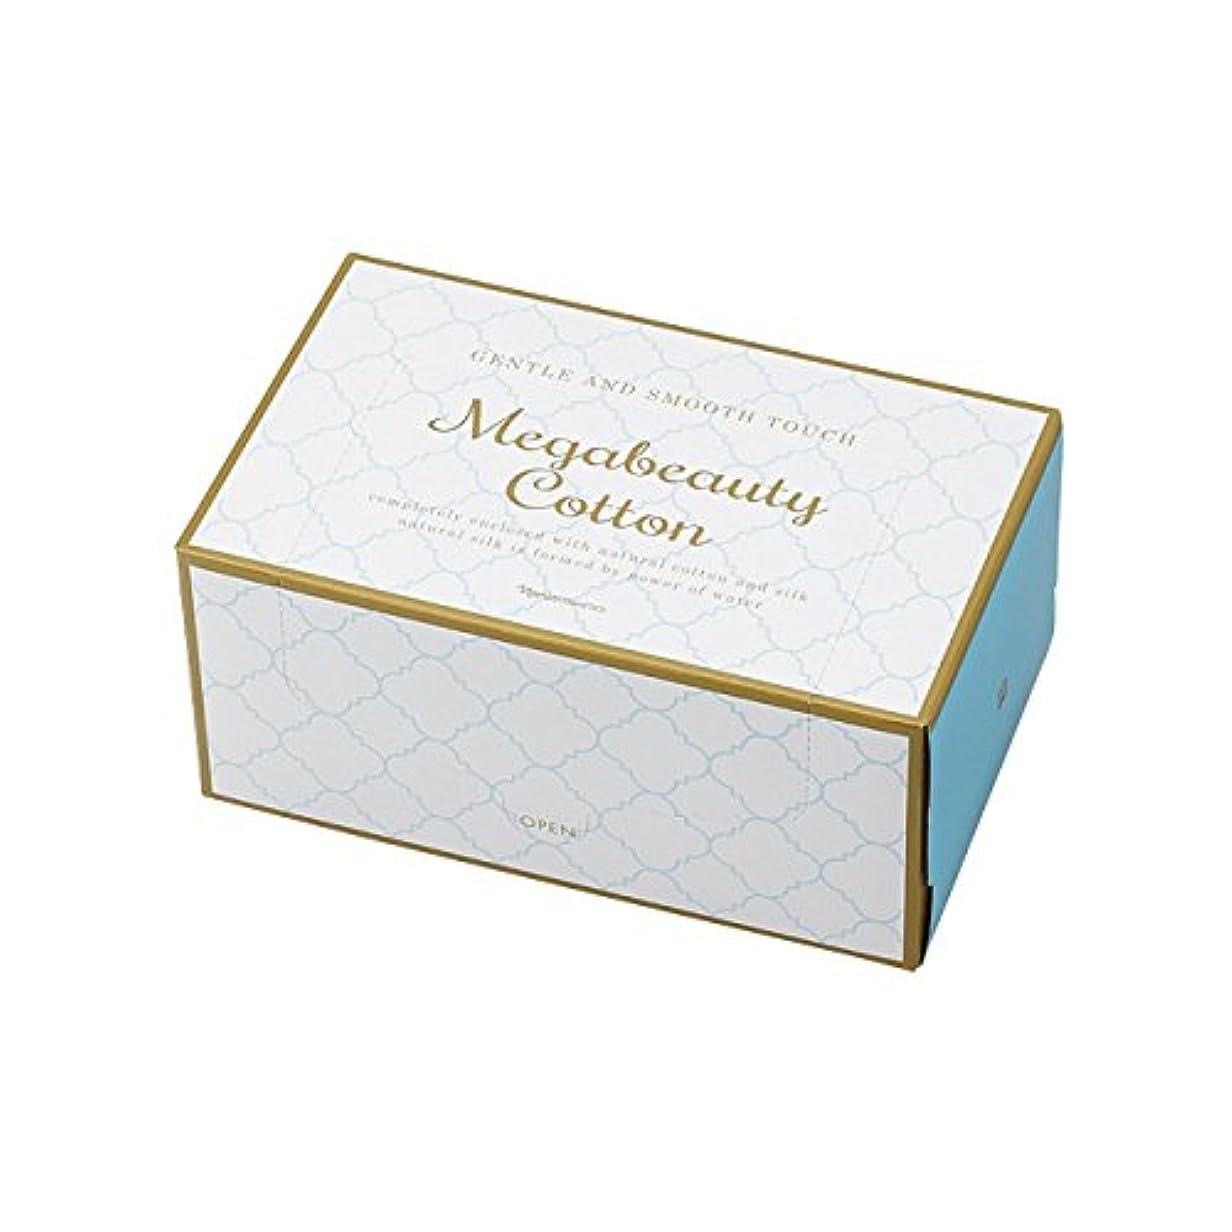 ナリス化粧品 メガビューティー 美顔器 コットン (10個セット)